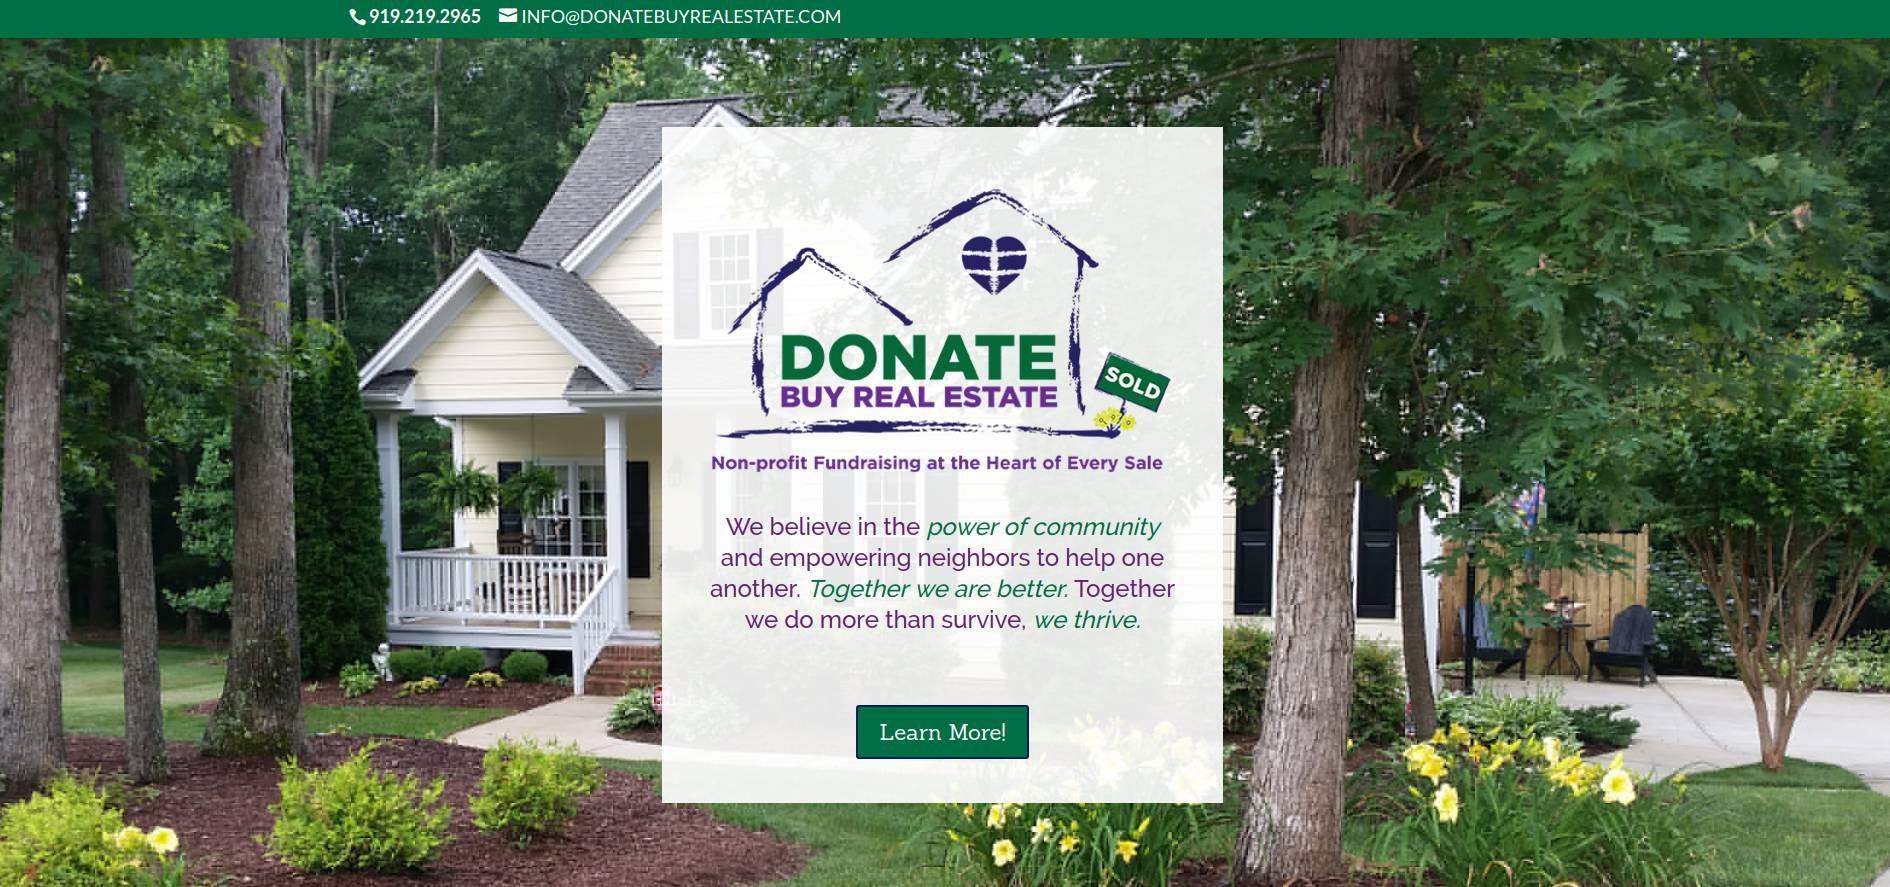 donate-buy-real-estate-raleigh-nc-desktop